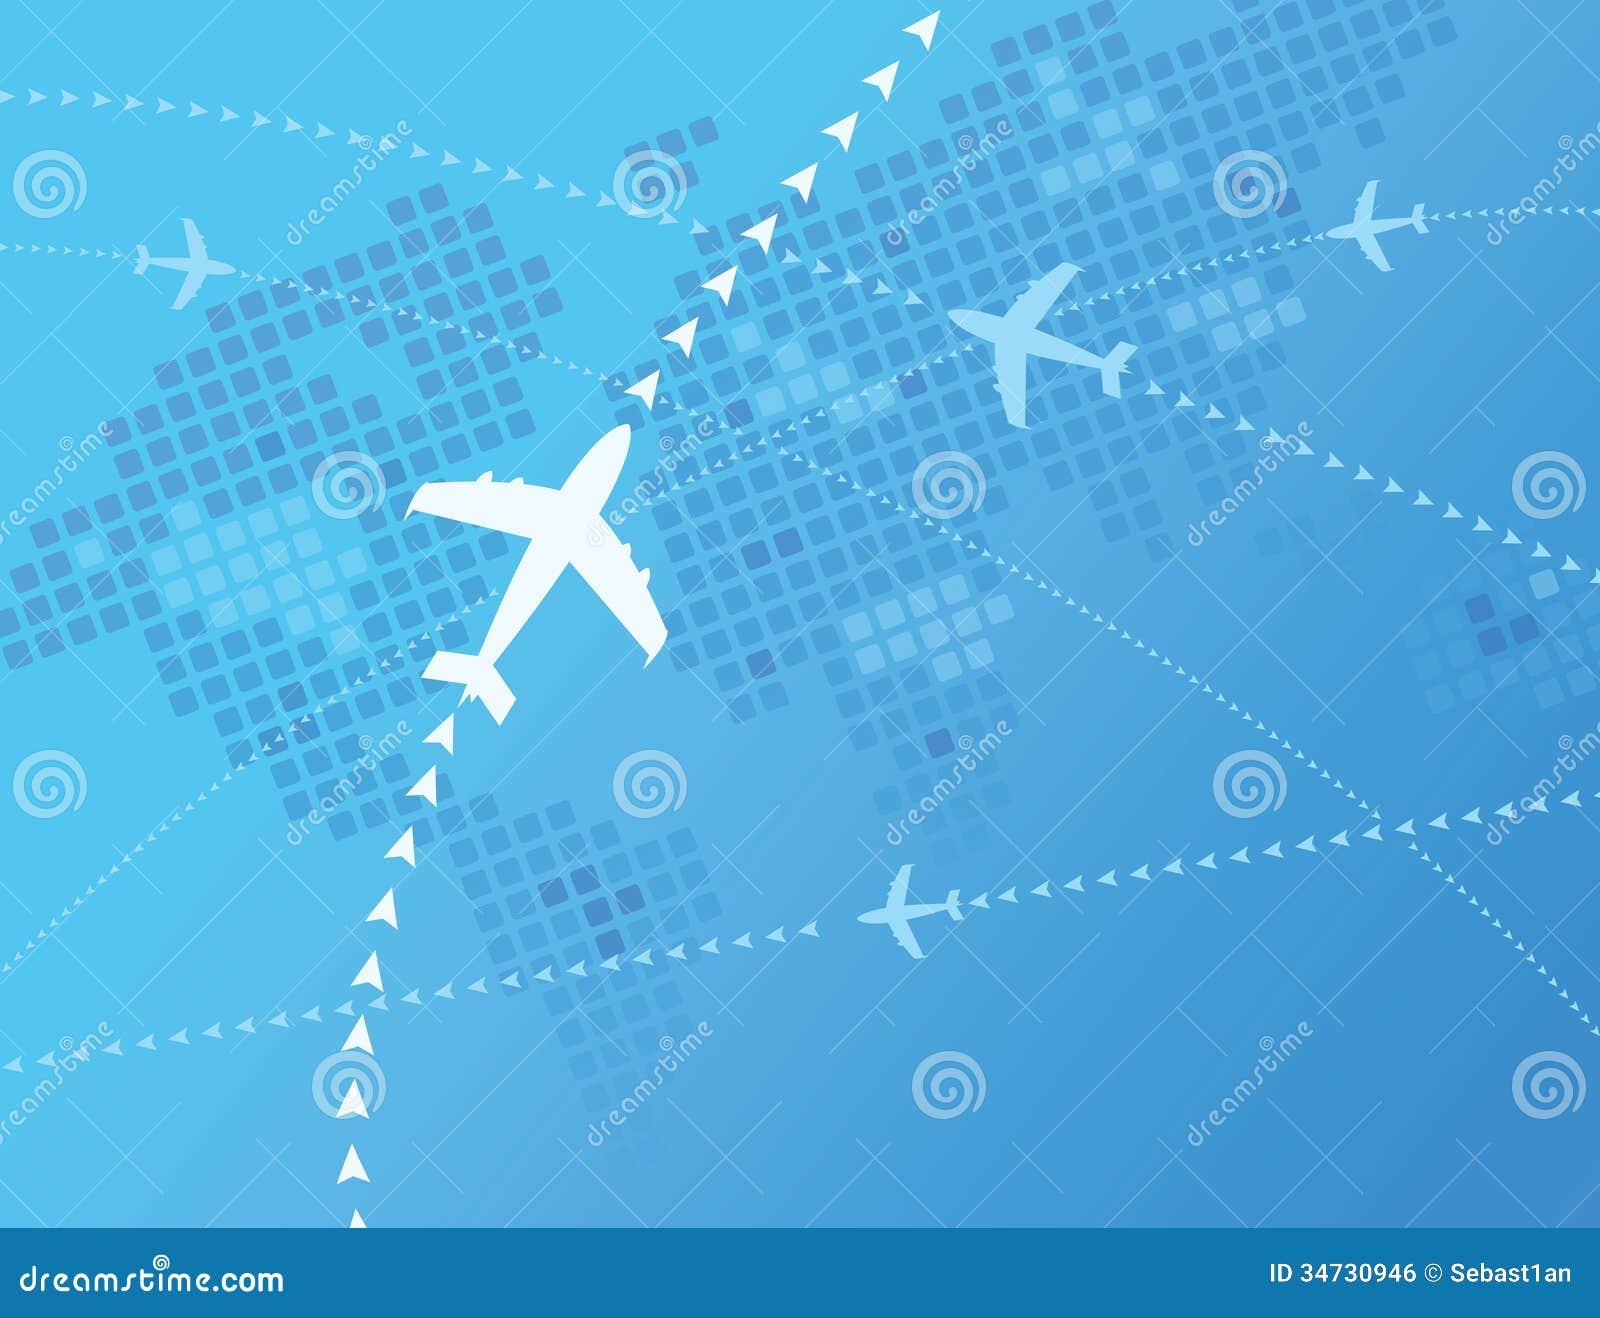 Wereldvliegtuigen